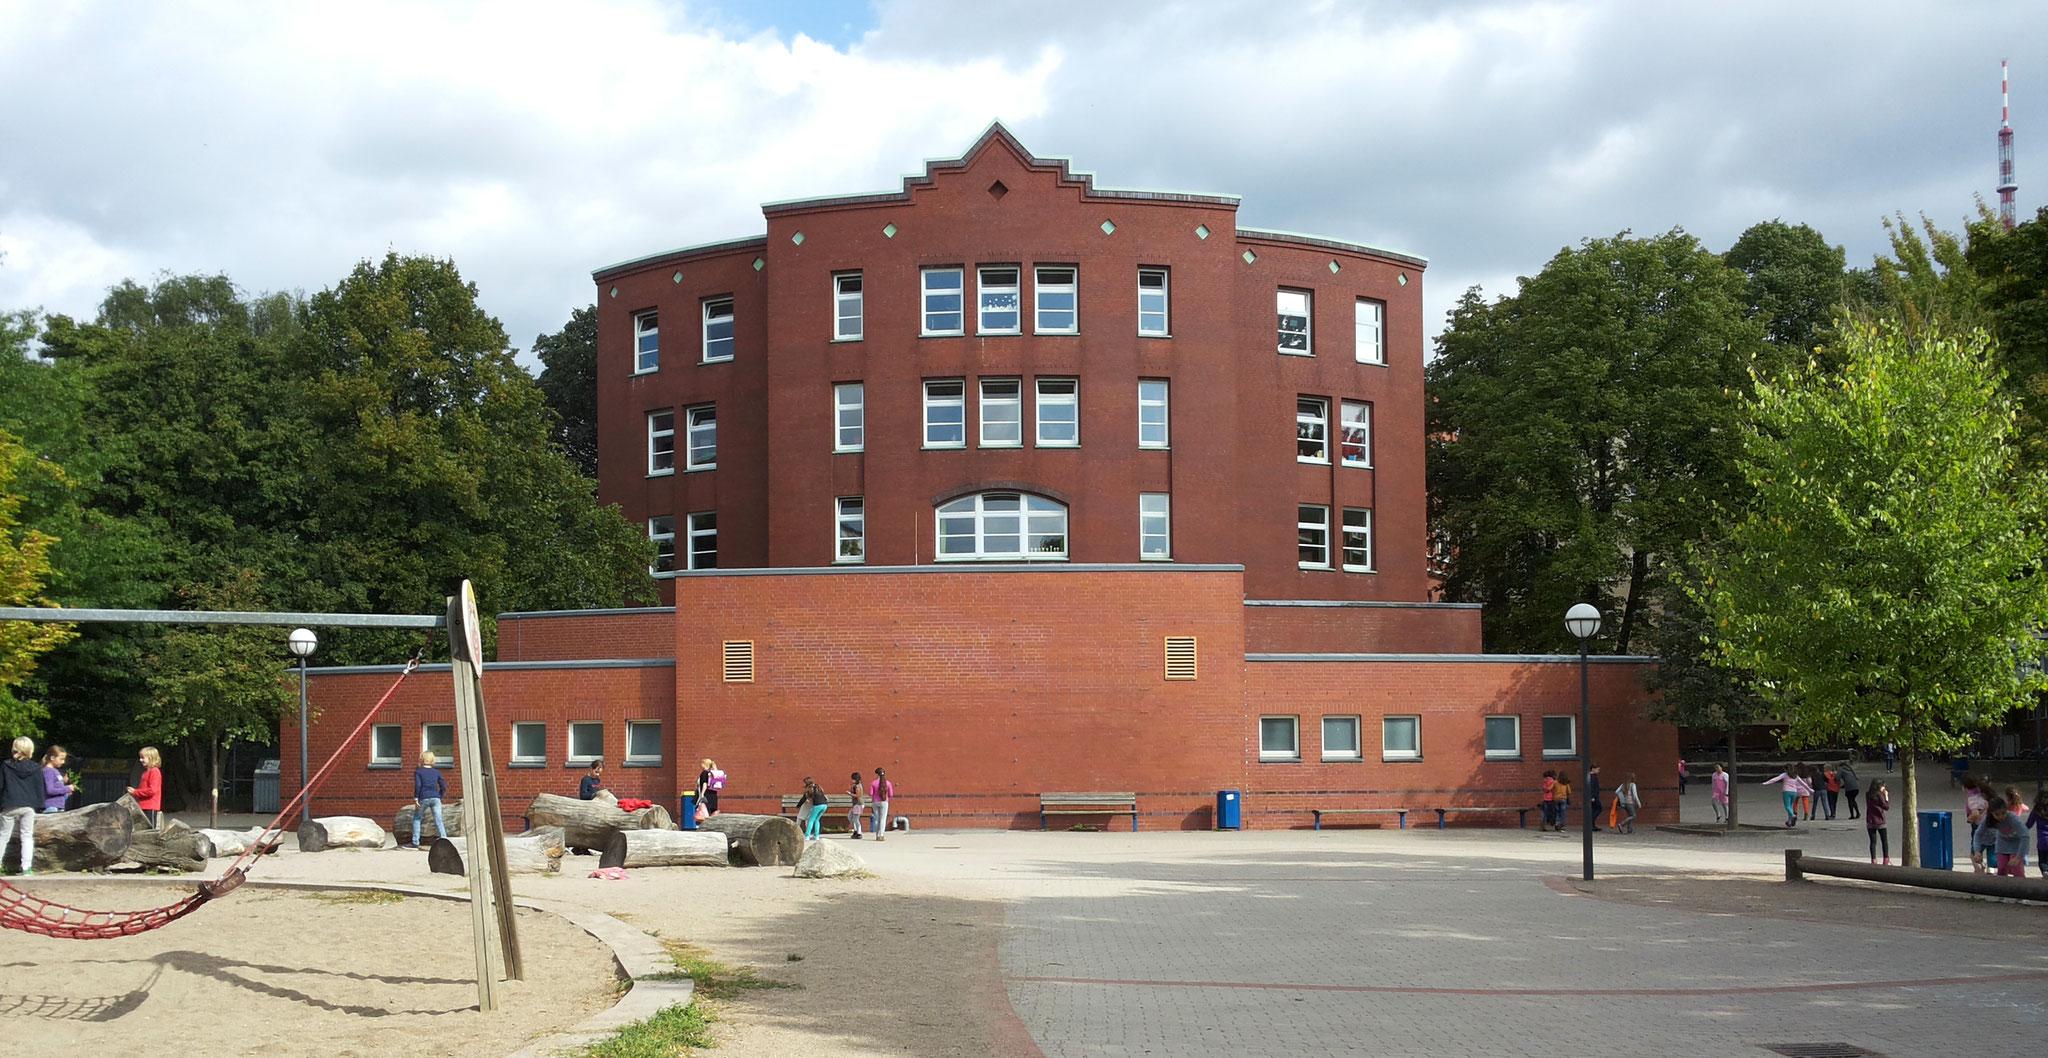 Klassik und Moderne in einem: Unser Schulgebäude.